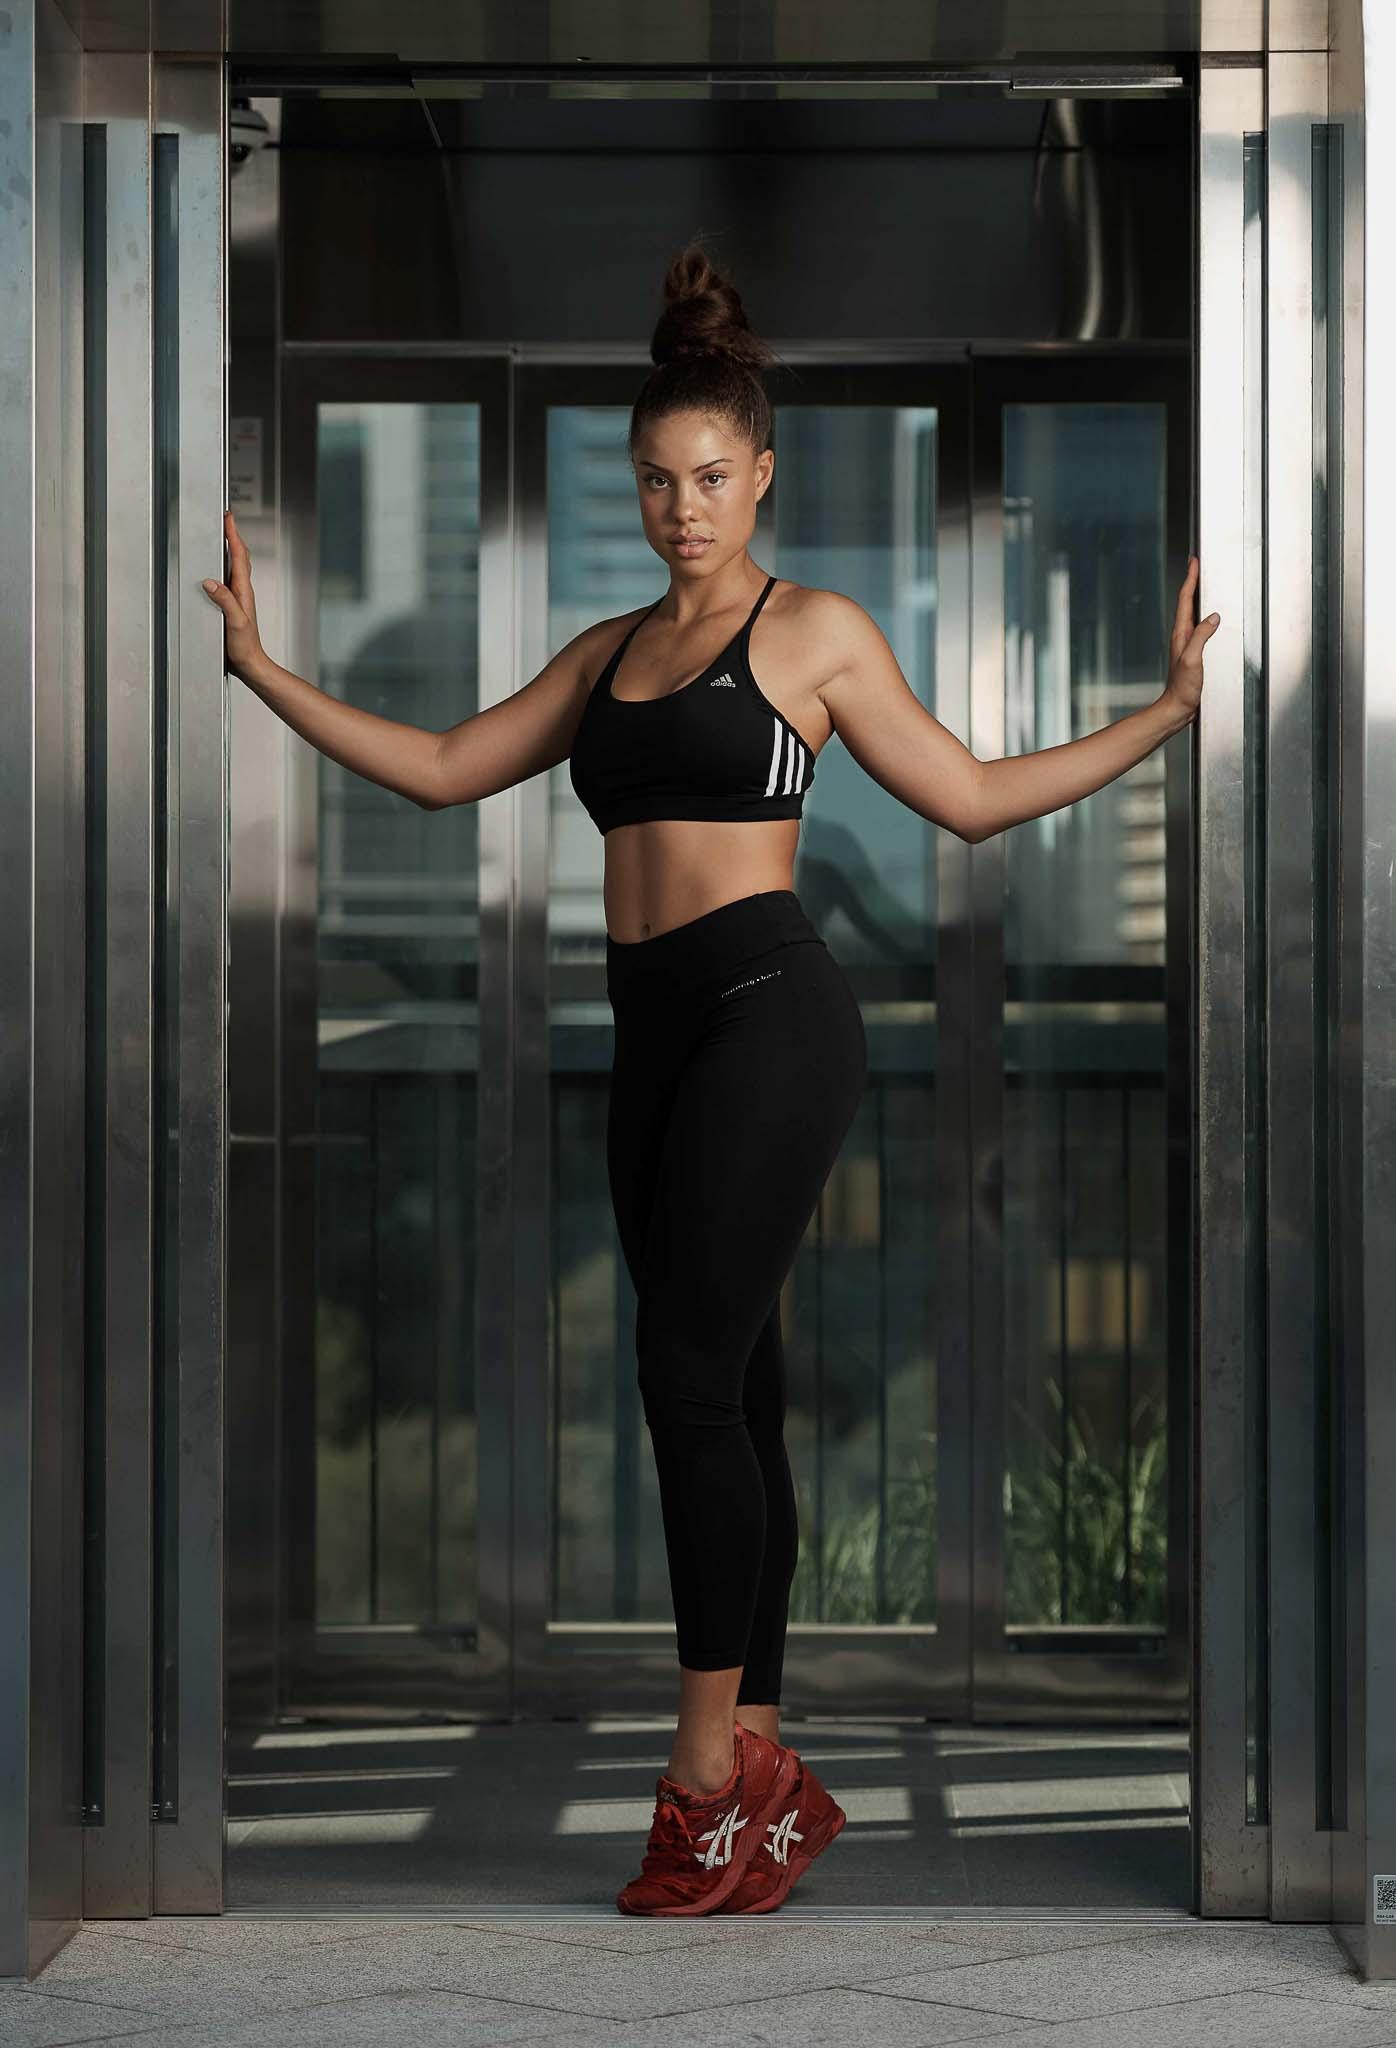 Kirsty standing in doorway wearing black Adidas leggings and Adidas crop top